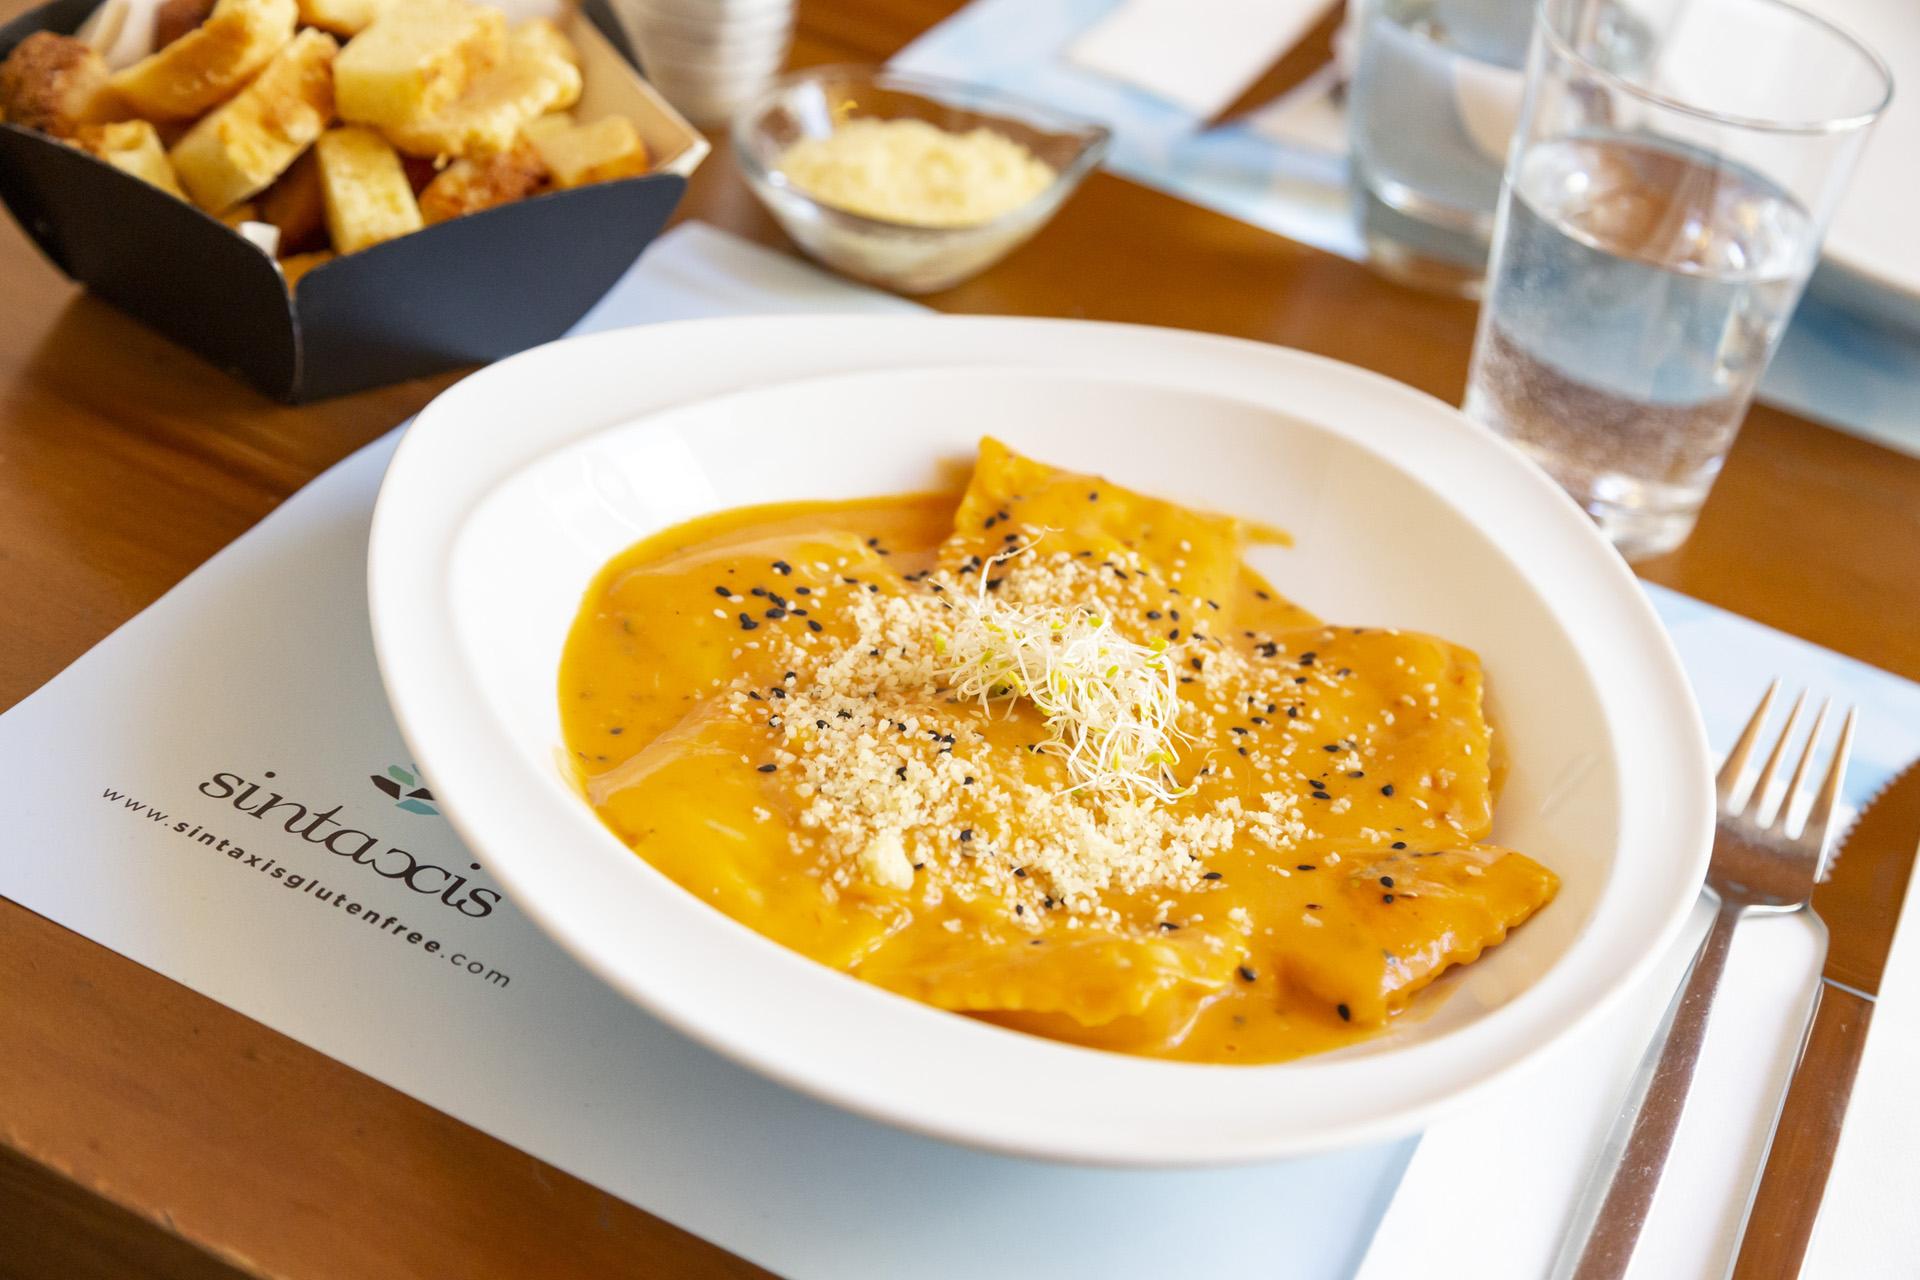 Raviolones con salsa y queso, según sus dueños, las estrella de la casa son las pastas